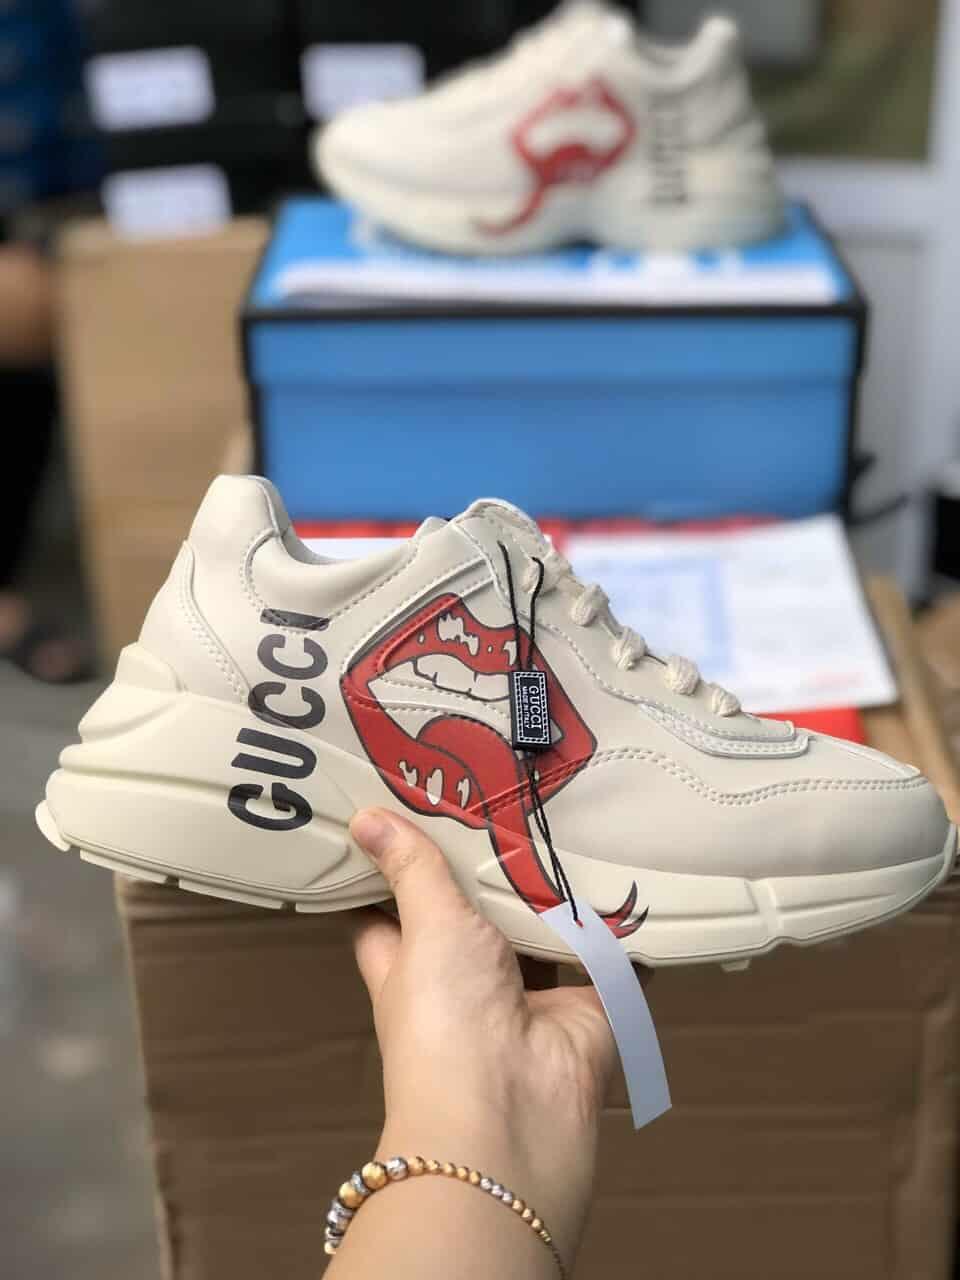 Giày Gucci môi rep 11 có kiểu dáng chunky hợp thời trang